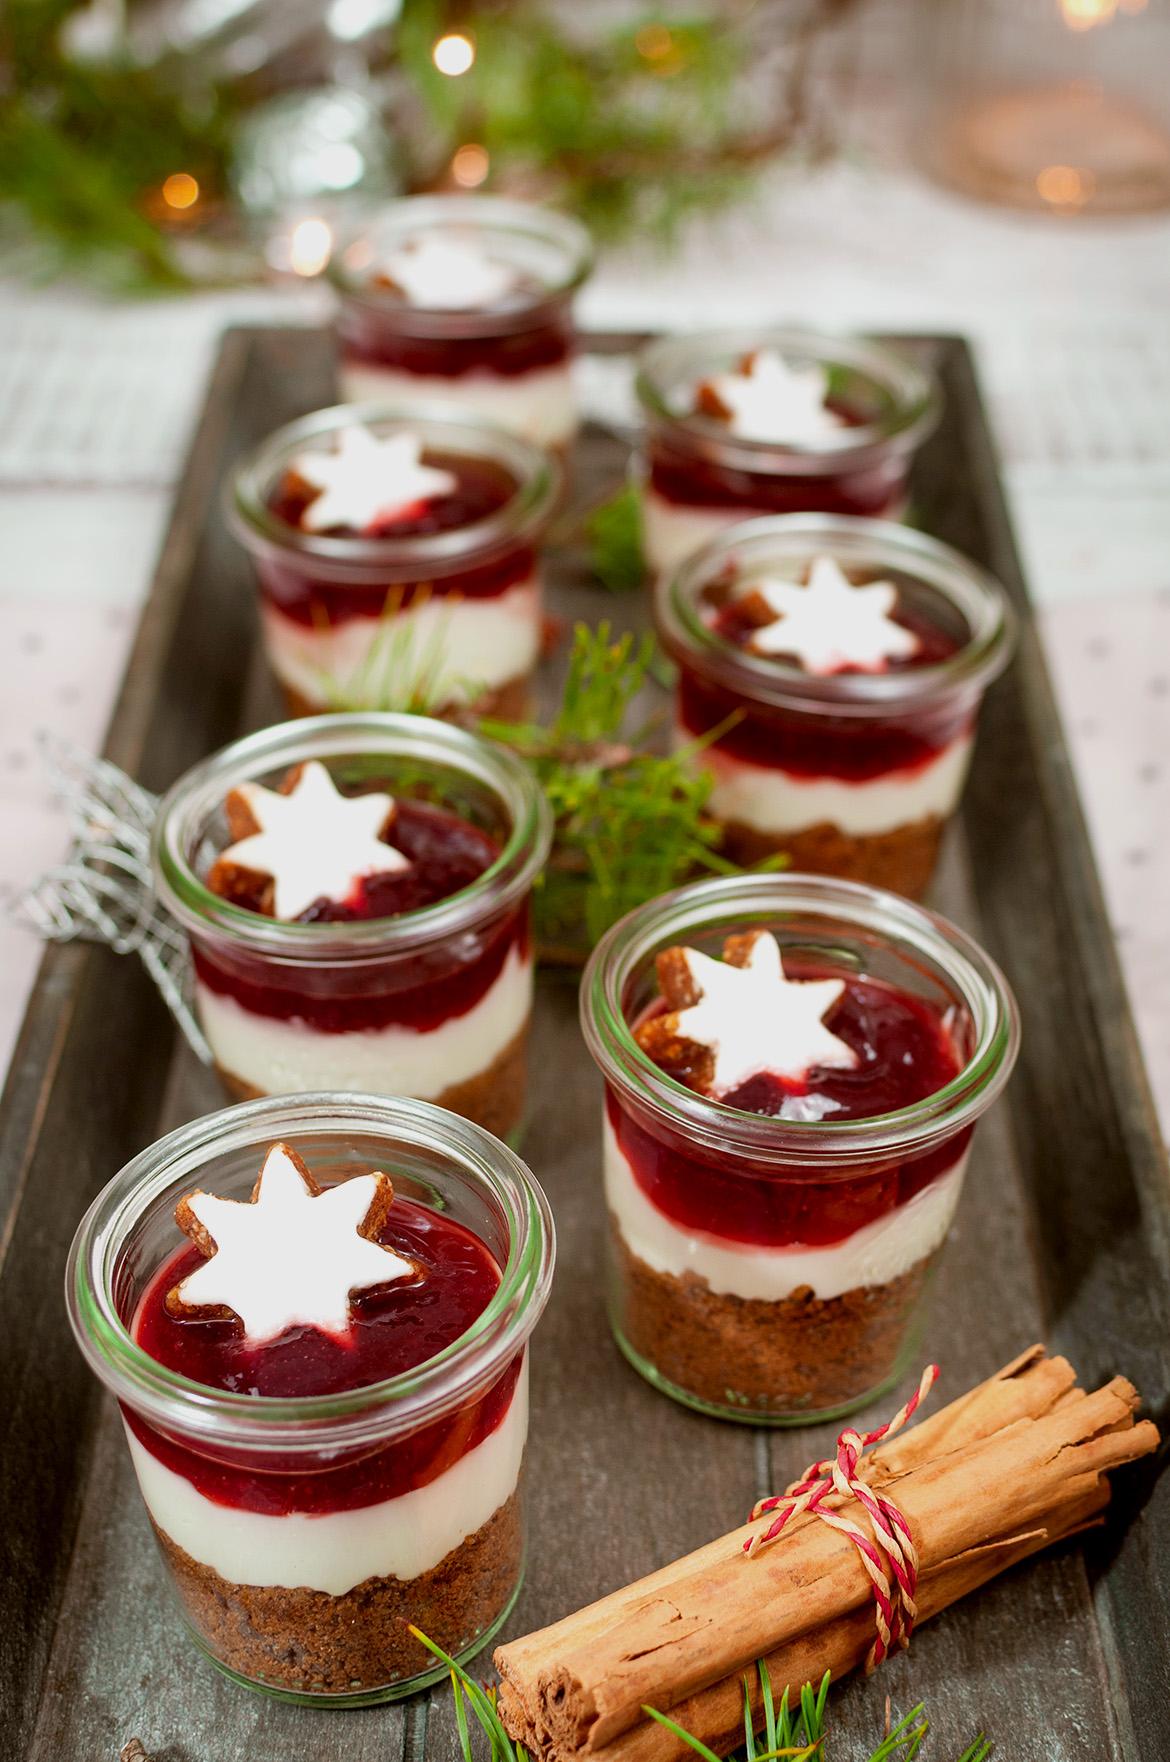 Lebkuchen-Kirsch-Dessert mit Cheesecake-Füllung im Dessert-Glas